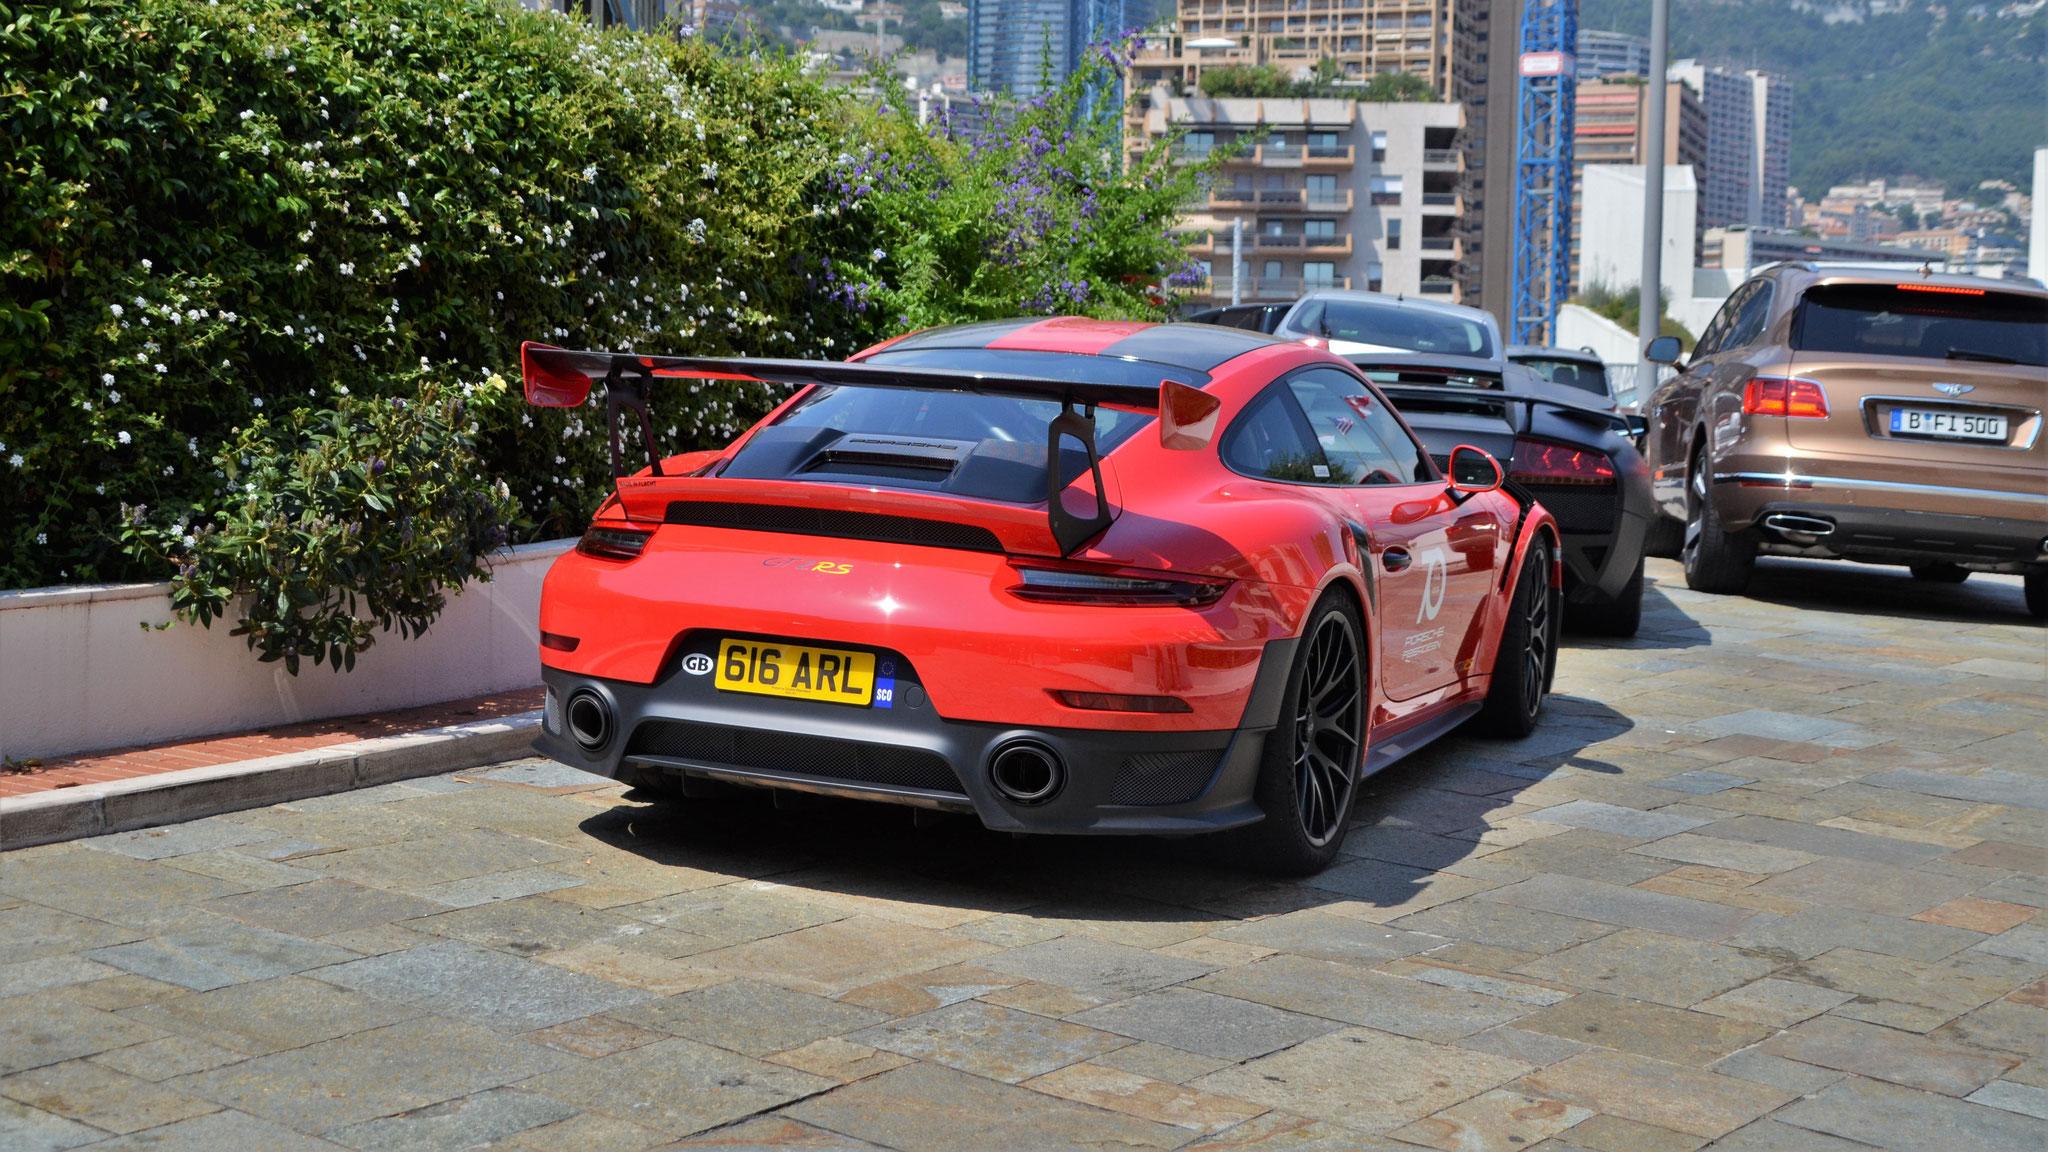 Porsche GT2 RS - 616-ARL (GB)